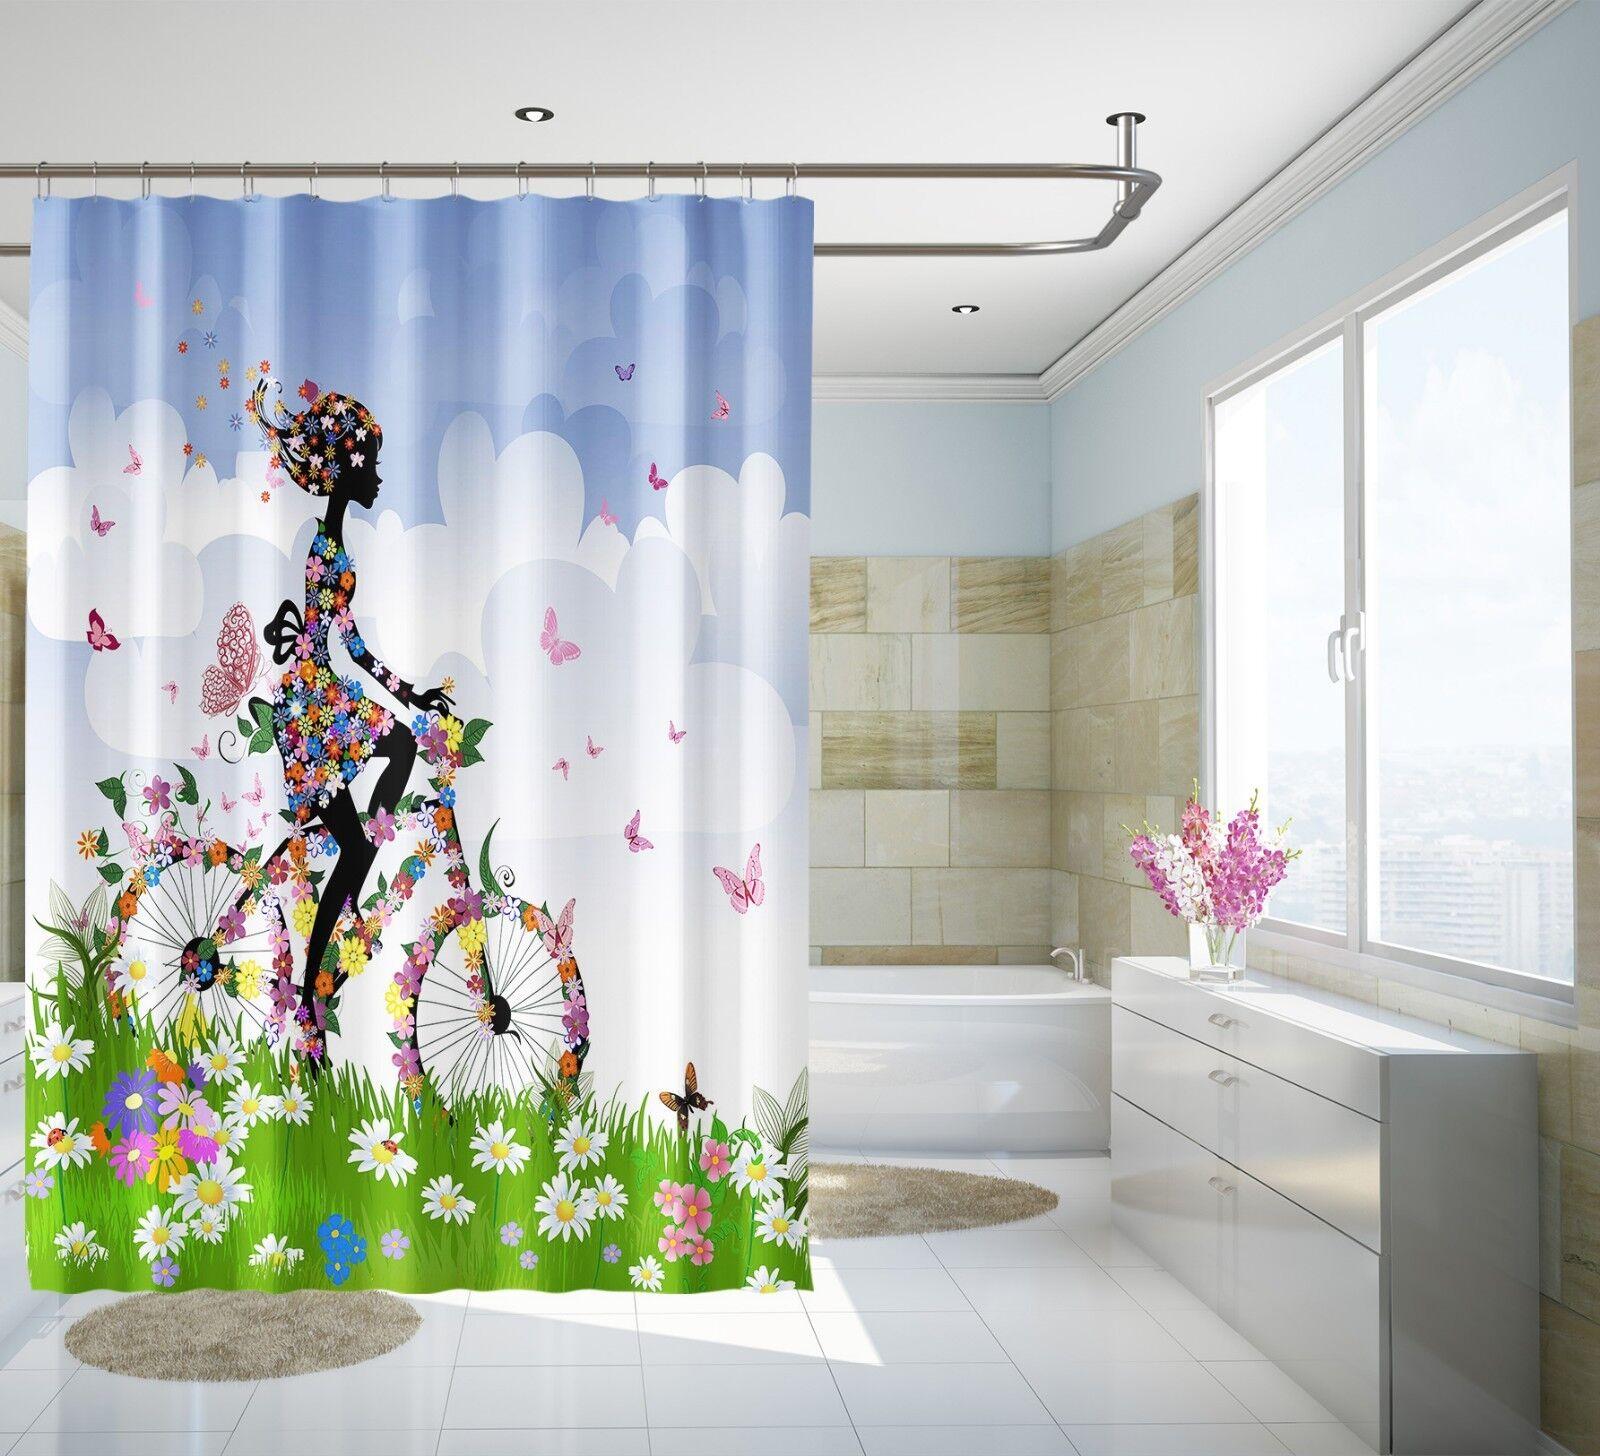 3D Fiore Ragazza 426 Tenda da doccia IMPERMEABILE Fibra Bagno WC CASA FINESTRE